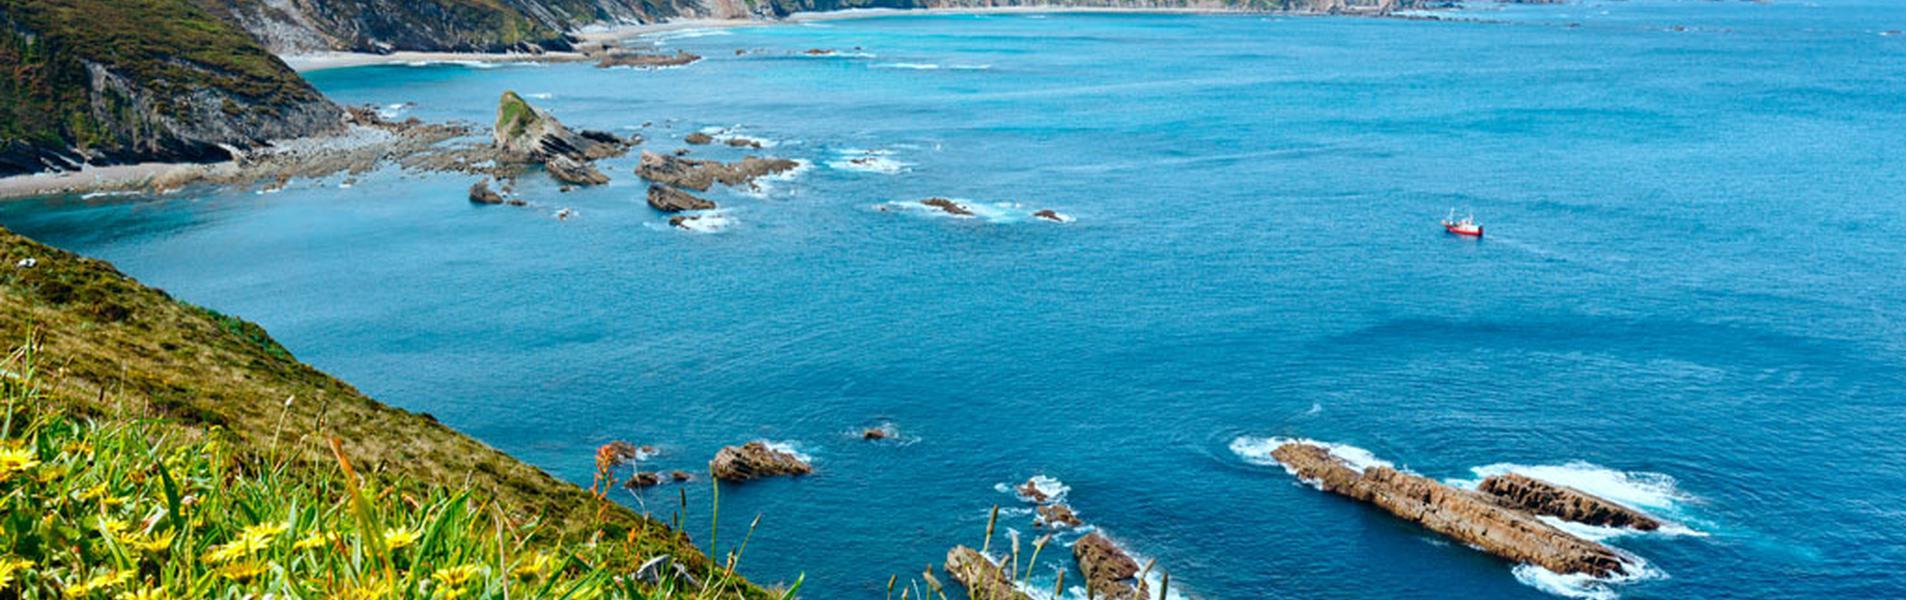 Mirador del Cabo Vidio